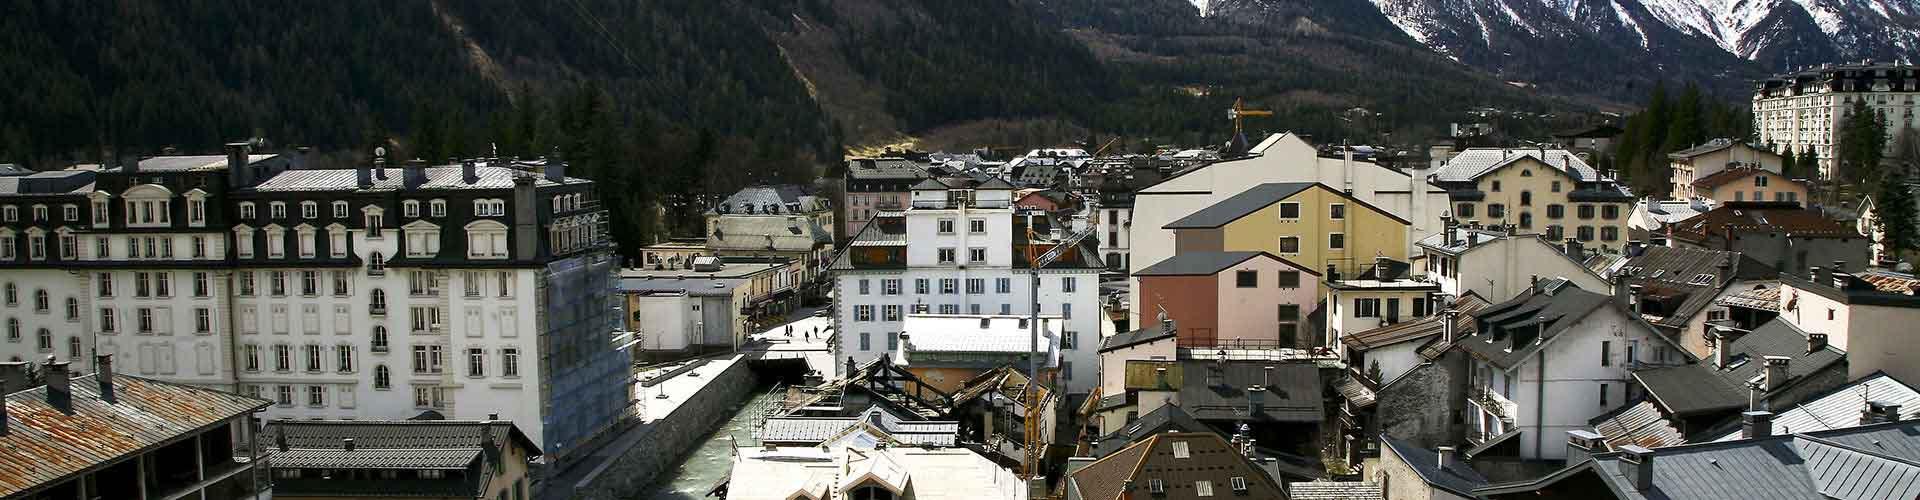 Chamonix - Habitaciones en Chamonix. Mapas de Chamonix, Fotos y comentarios de cada Habitación en Chamonix.